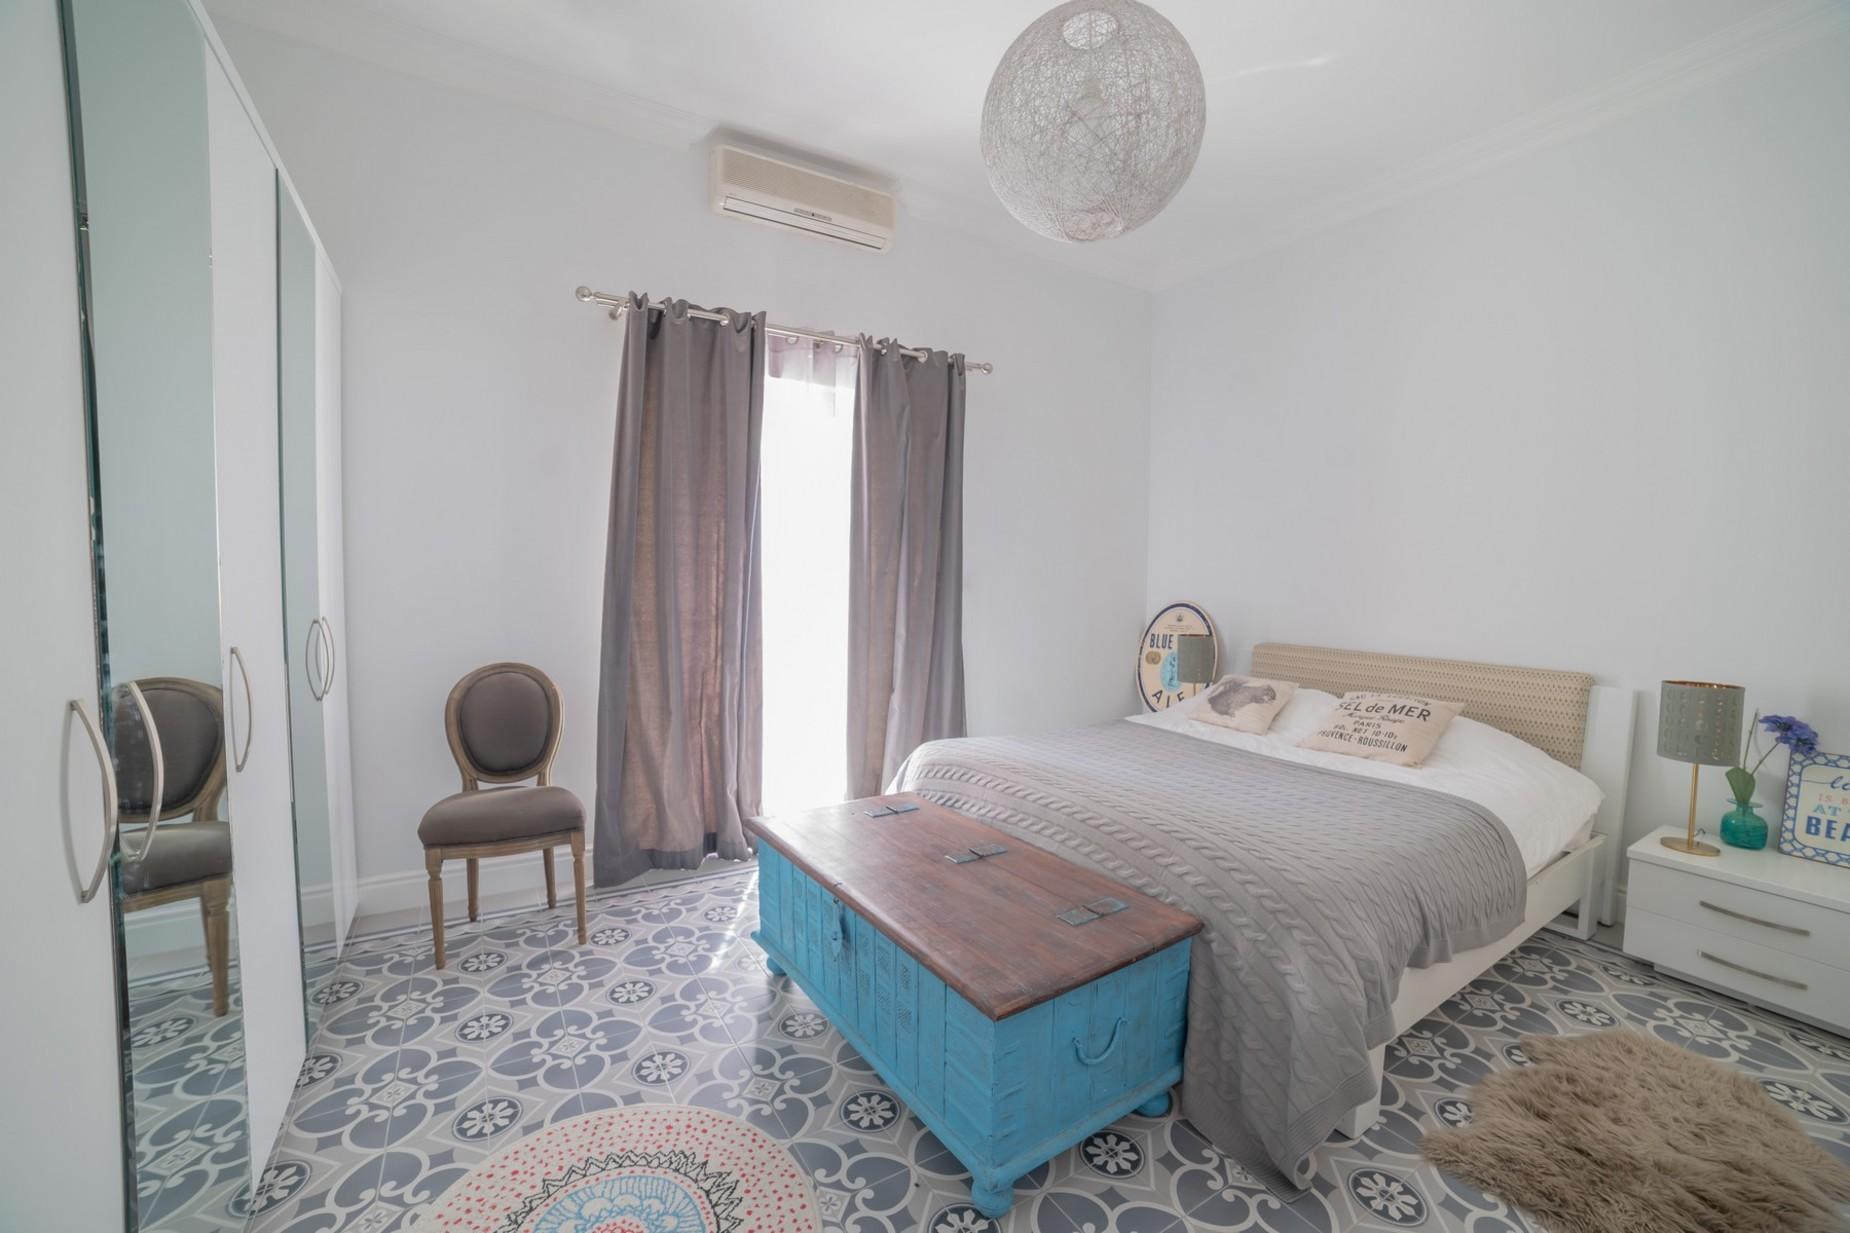 4 bed Apartment For Sale in Ta' Xbiex, Ta' Xbiex - thumb 10